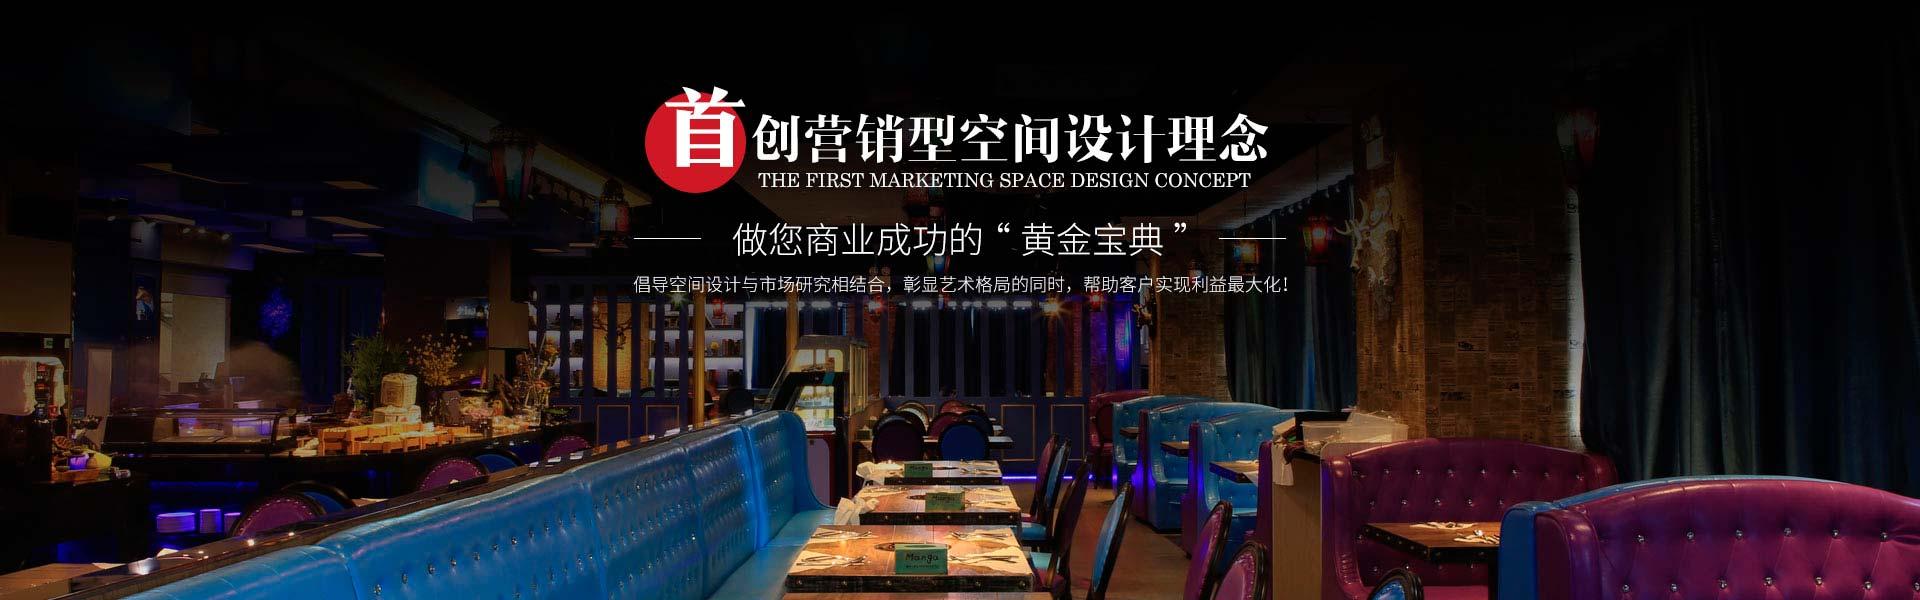 深圳餐厅装修设计需注意那些细节